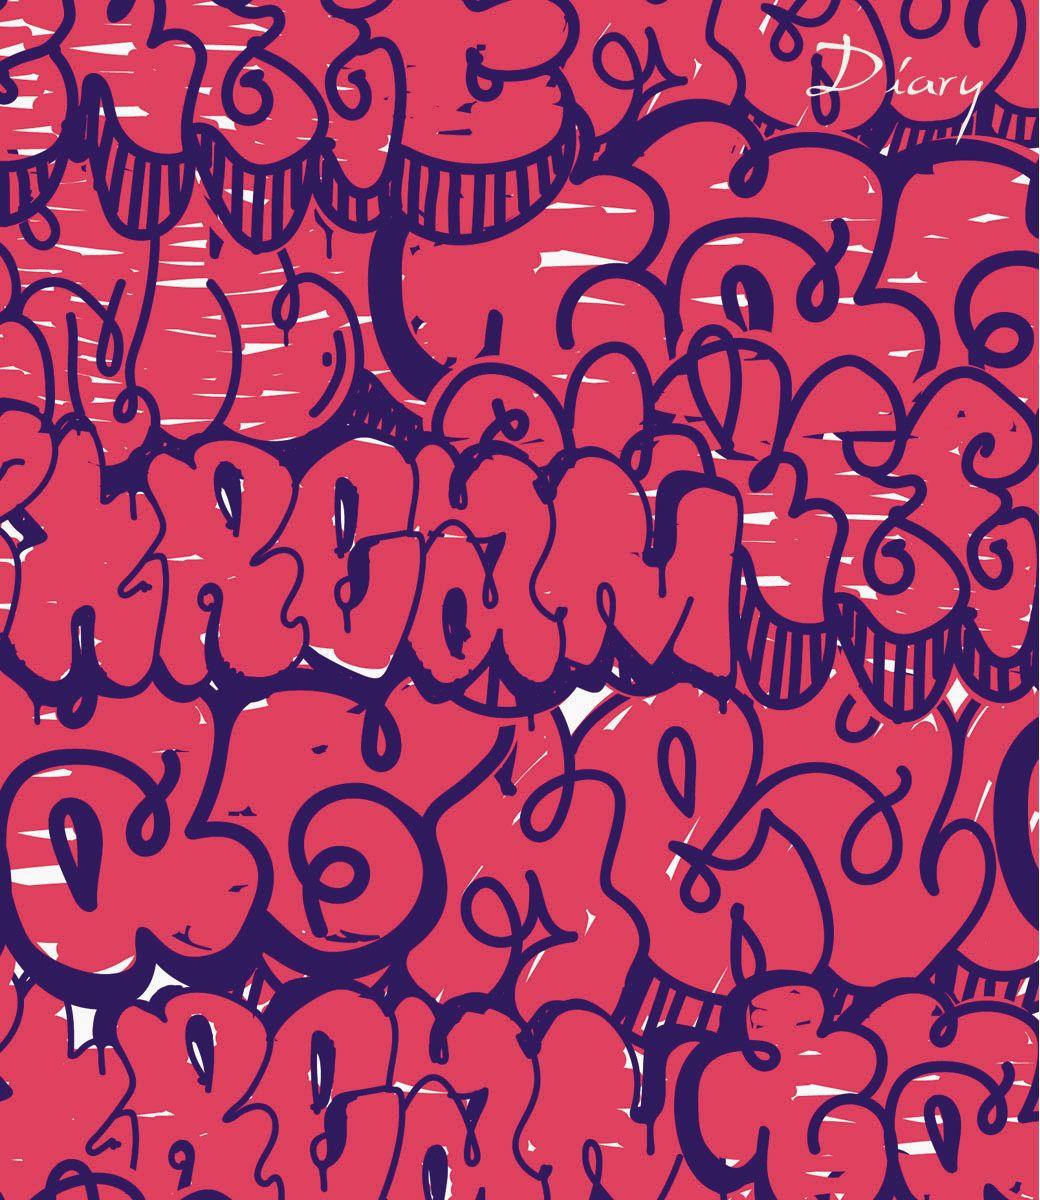 Канц-Эксмо Ежедневник Орнамент Граффити недатированный 160 листов формат А5 канц эксмо ежедневник графика орхидеи недатированный 160 листов формат a5